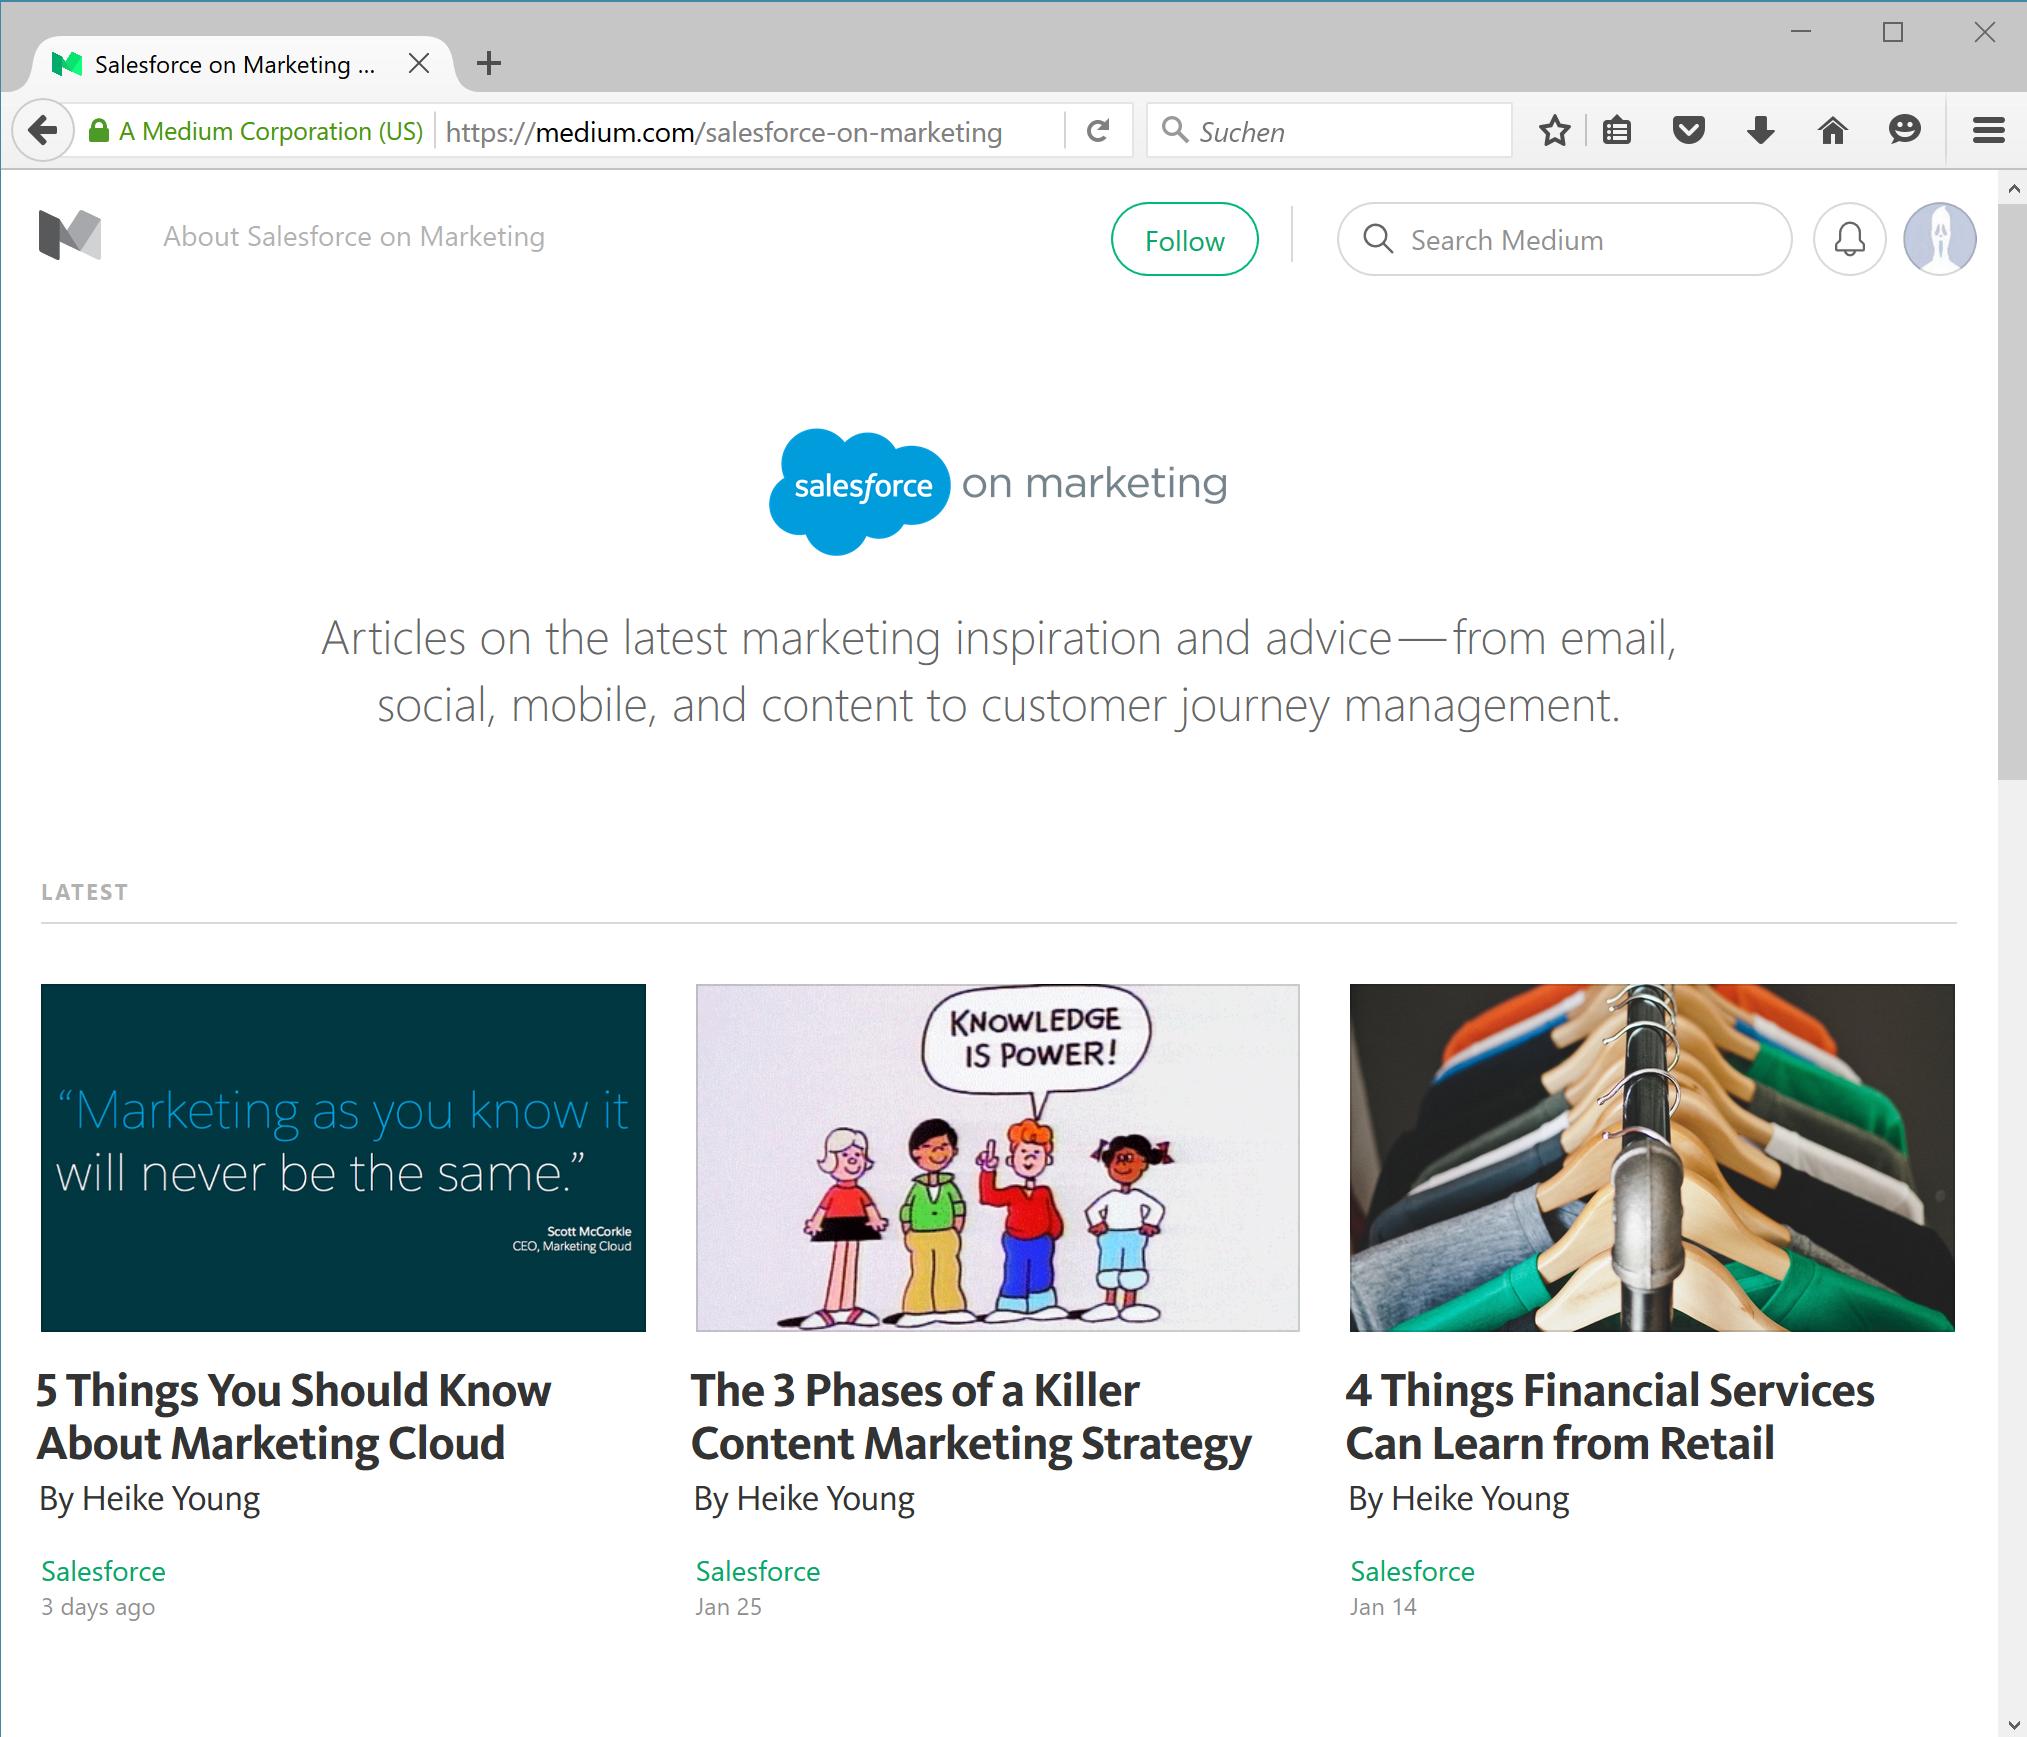 Die Salesforce on Marketing Publication auf Medium